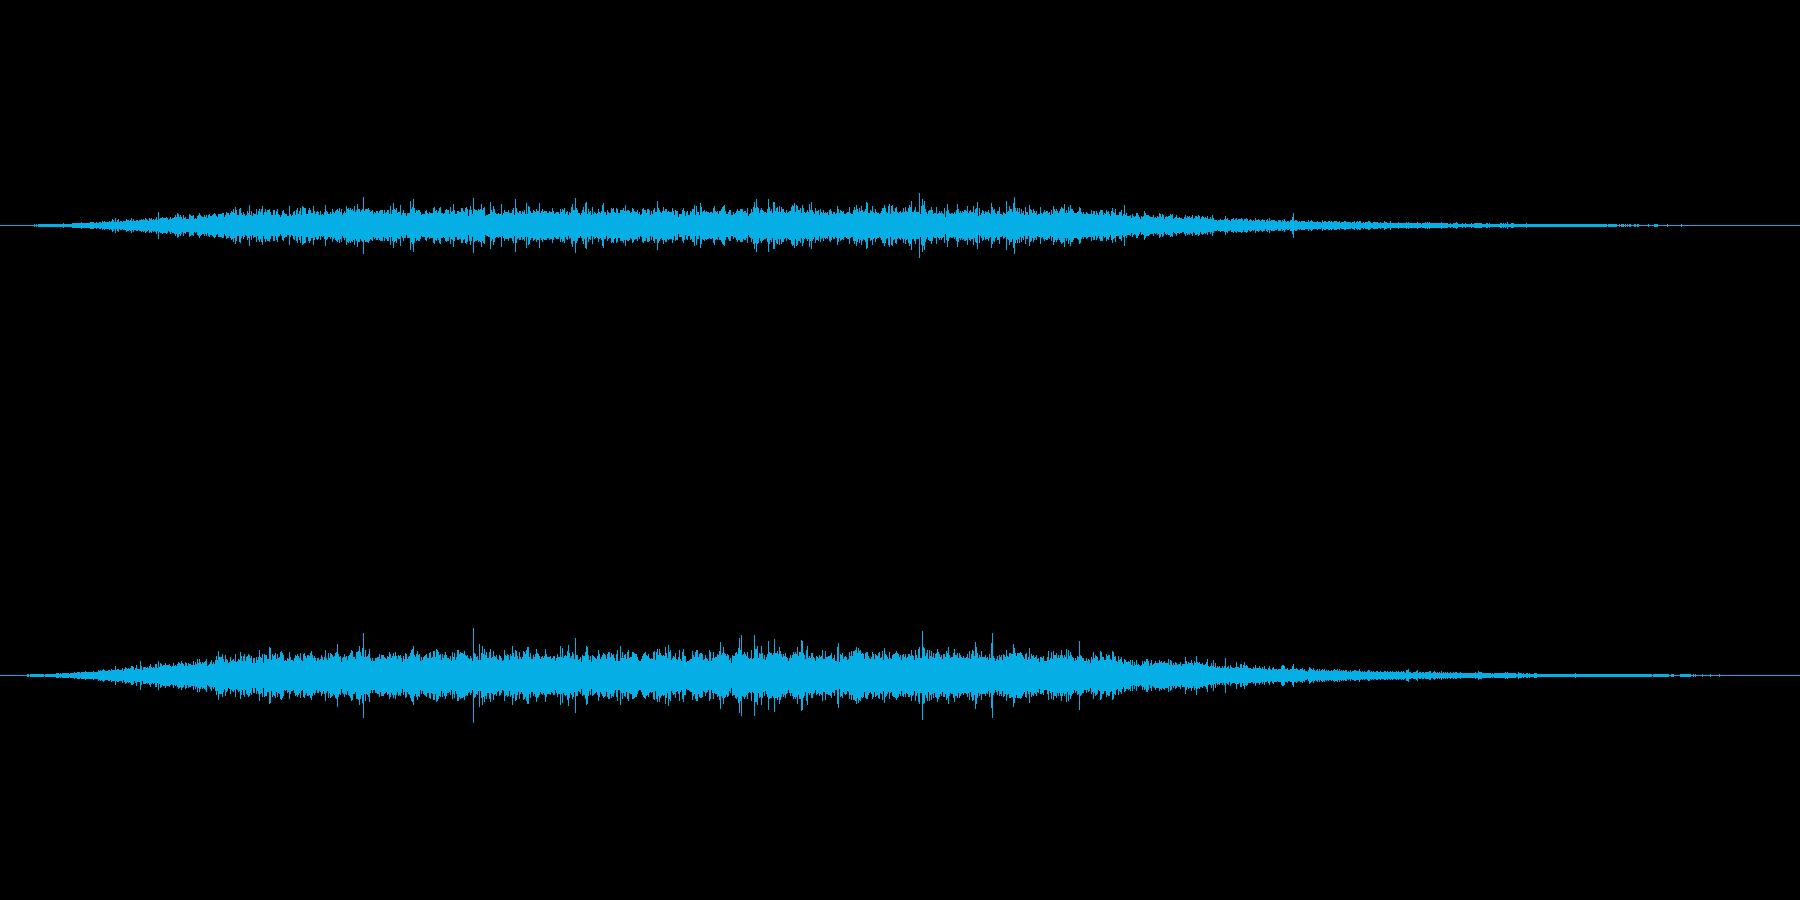 川の流れる音 の再生済みの波形